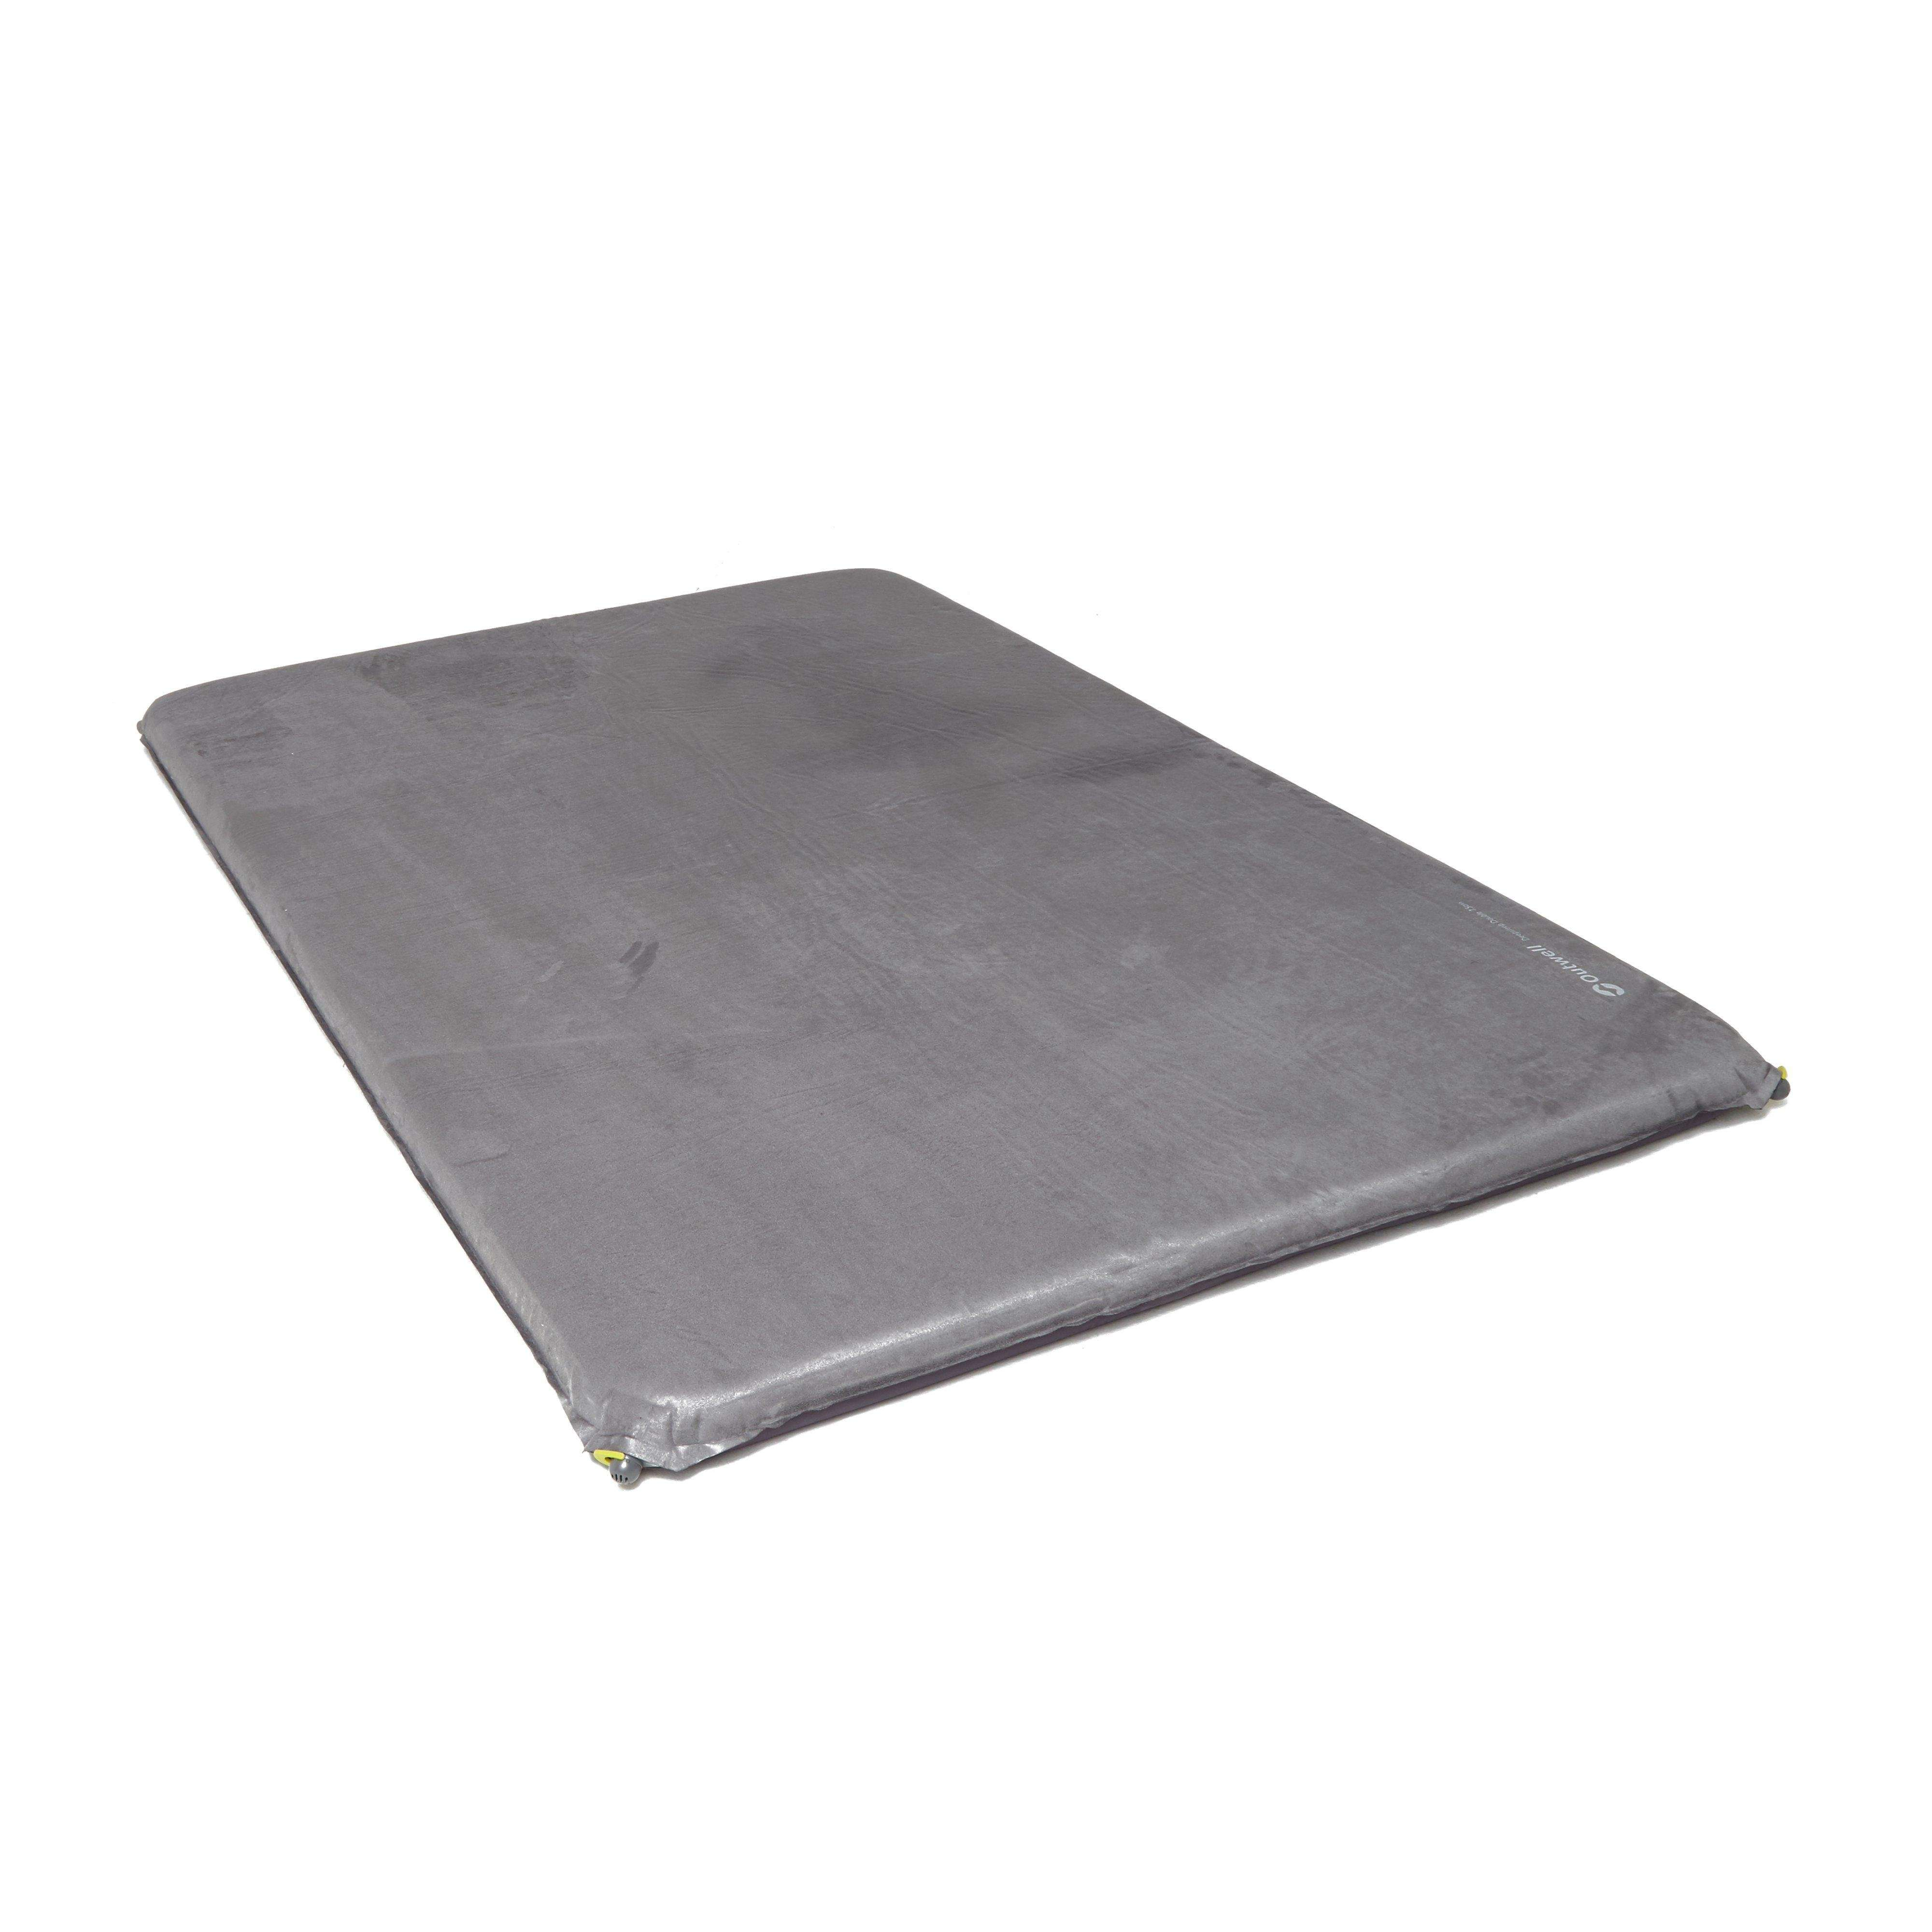 OUTWELL Deepsleep Double Sleeping Mat 7.5cm